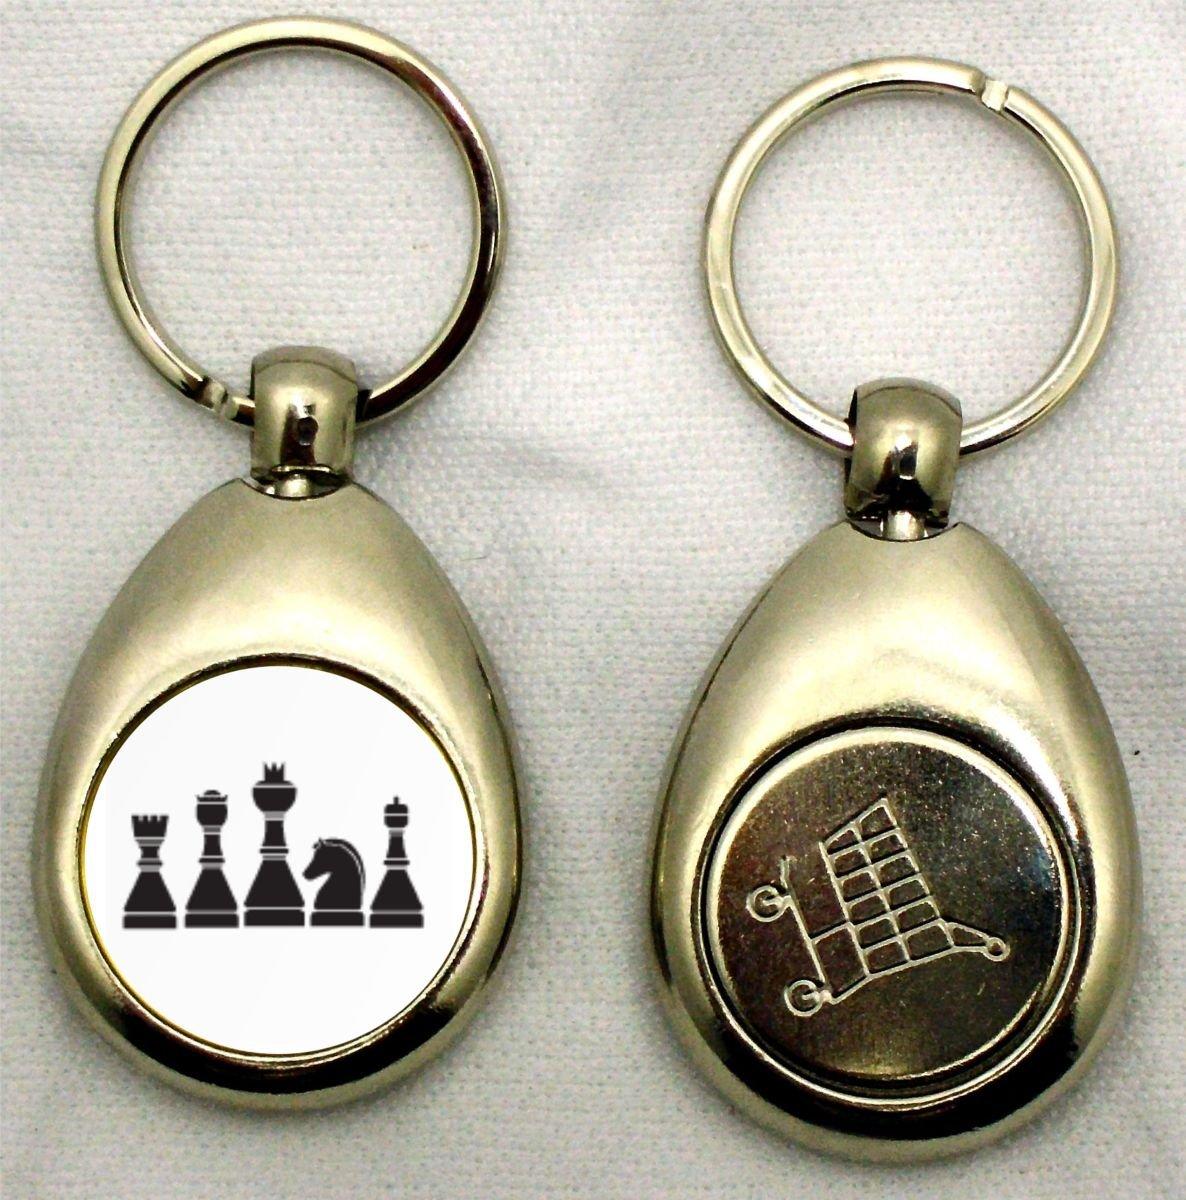 Llavero con piezas de ajedrez: Amazon.es: Deportes y aire libre